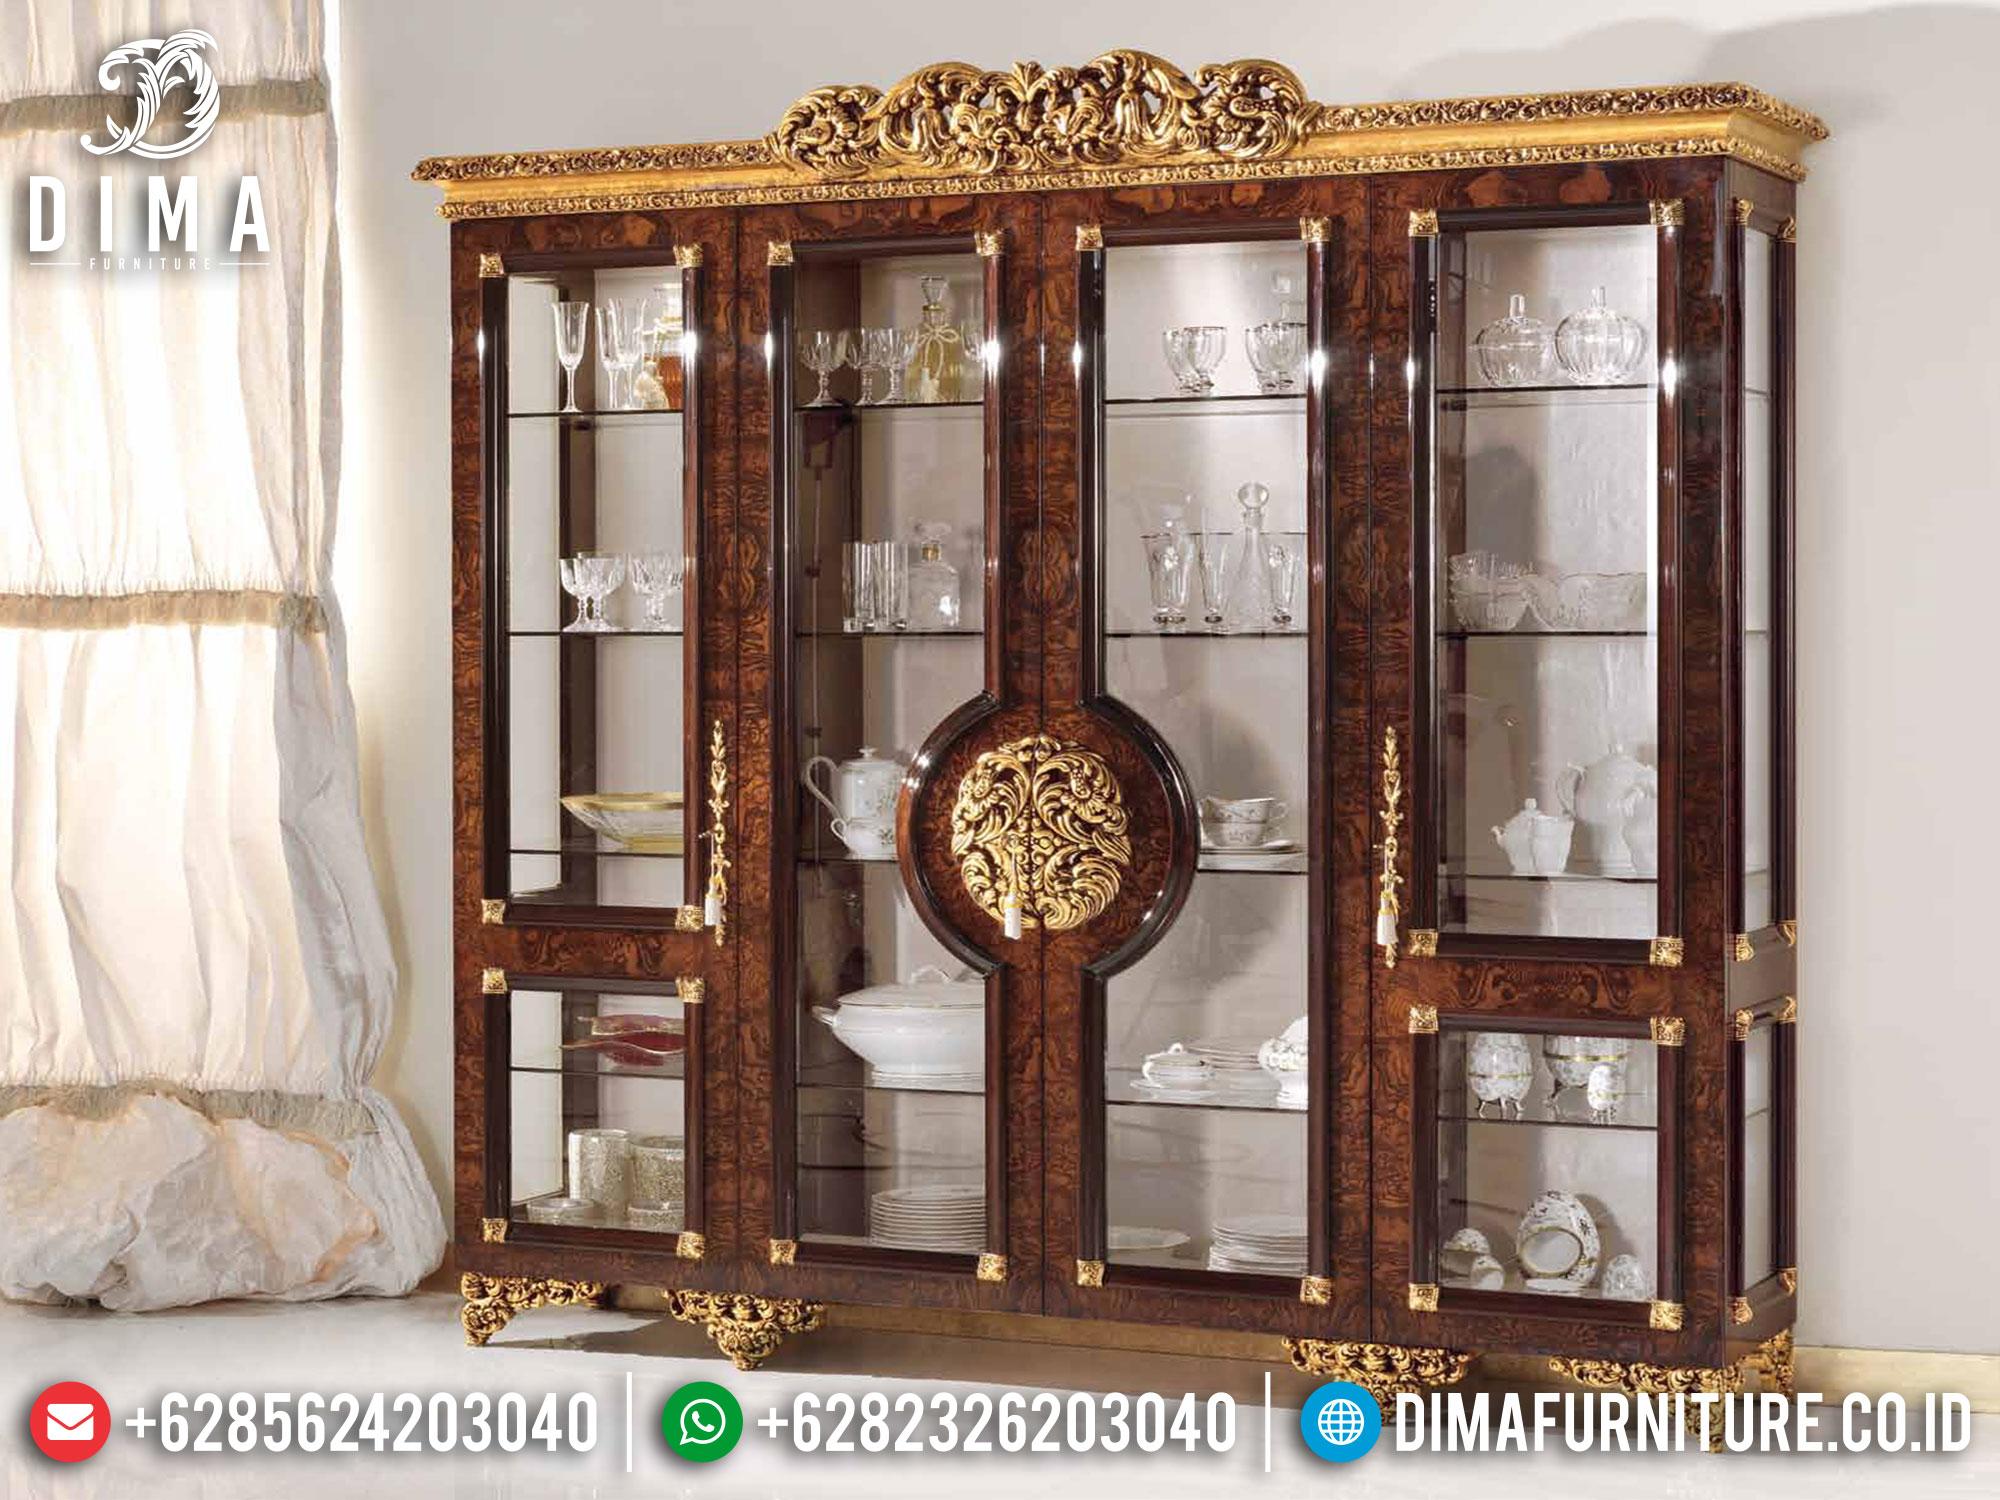 Desain Lemari Hias Mewah Ukir Jepara Natural Jati Luxury Classic BT-0979